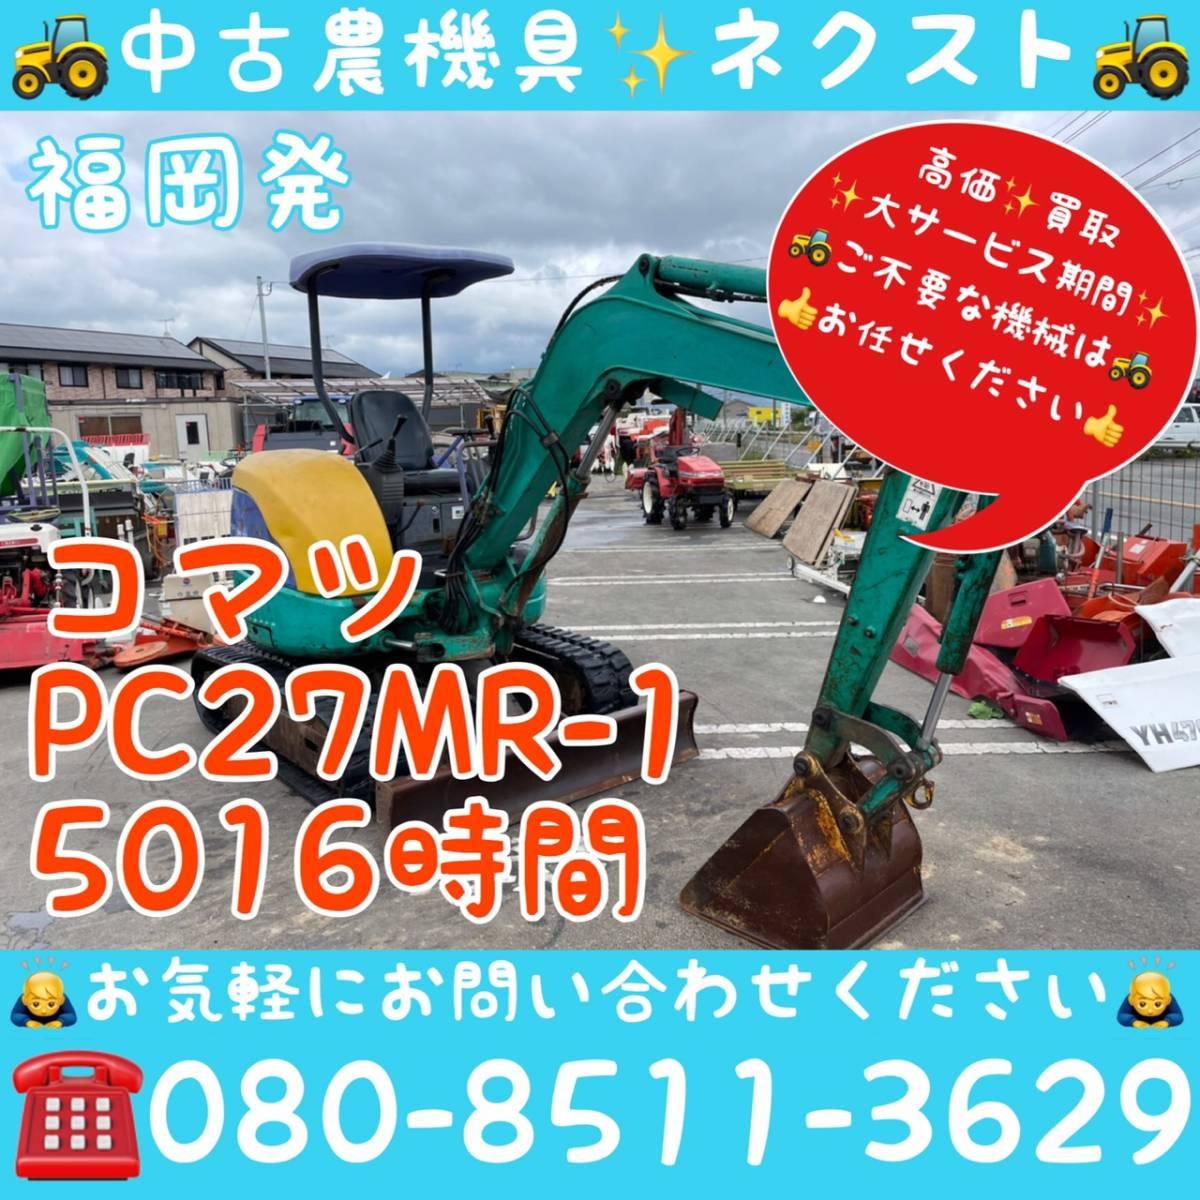 「コマツ PC27MRX バックホー 5016時間 ユンボ 福岡県発」の画像1